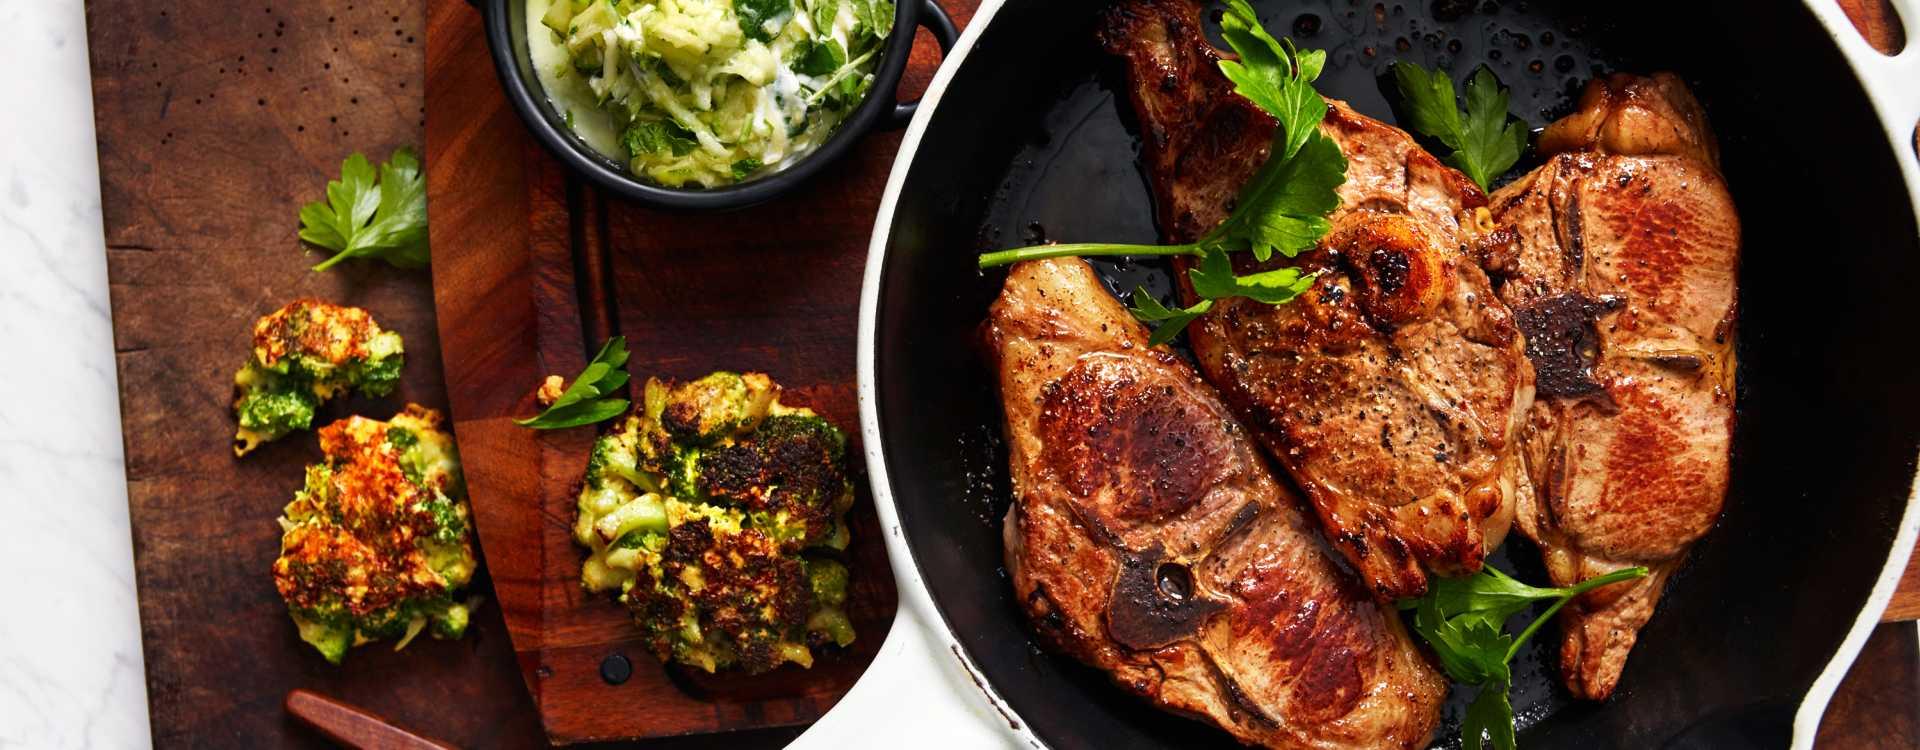 Grillede lammekoteletter med brokkolifritters og raita med mynte og squash